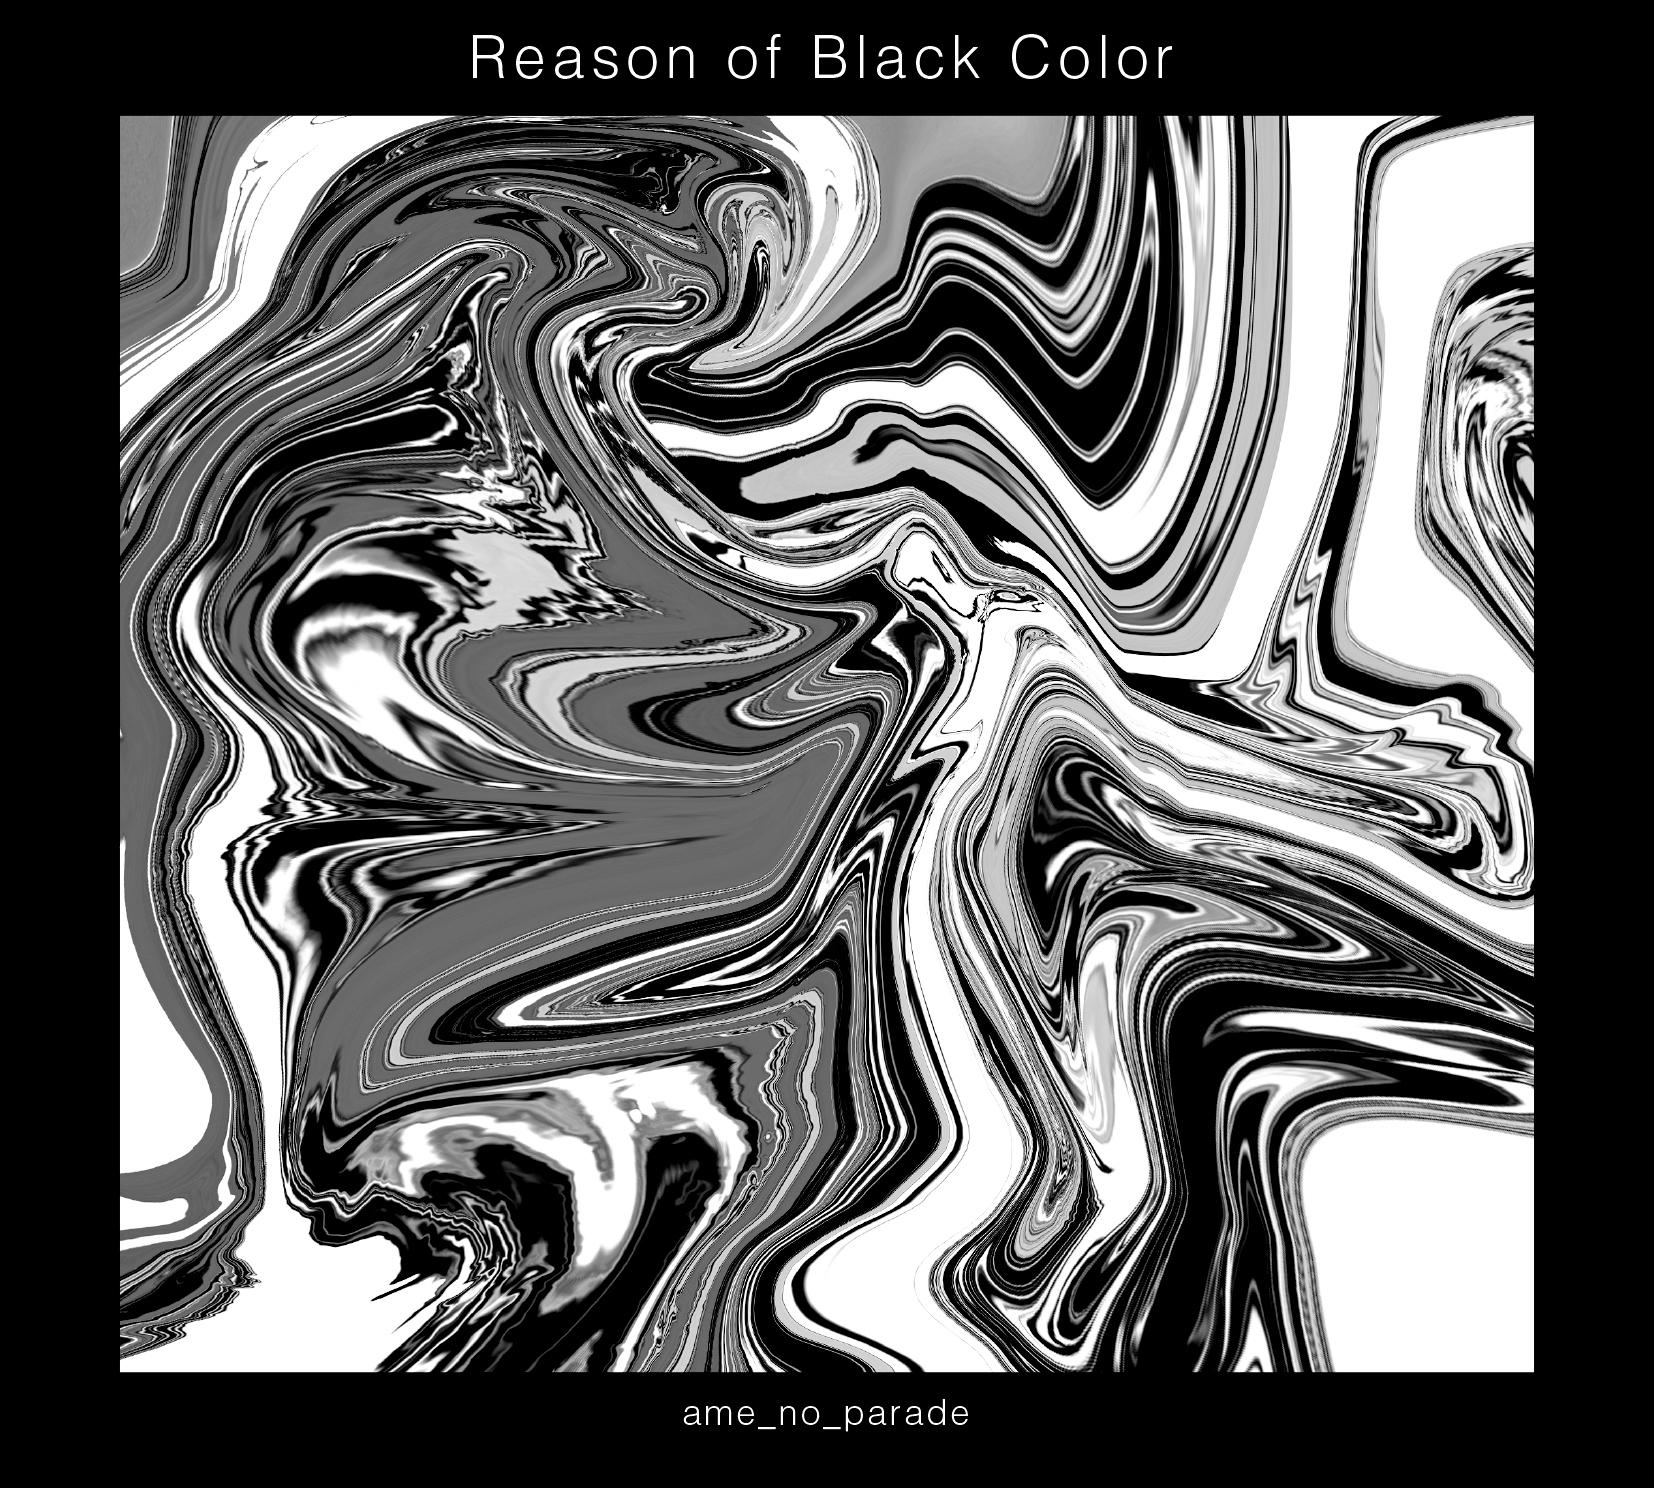 雨のパレード『Reason of Black Color』初回盤